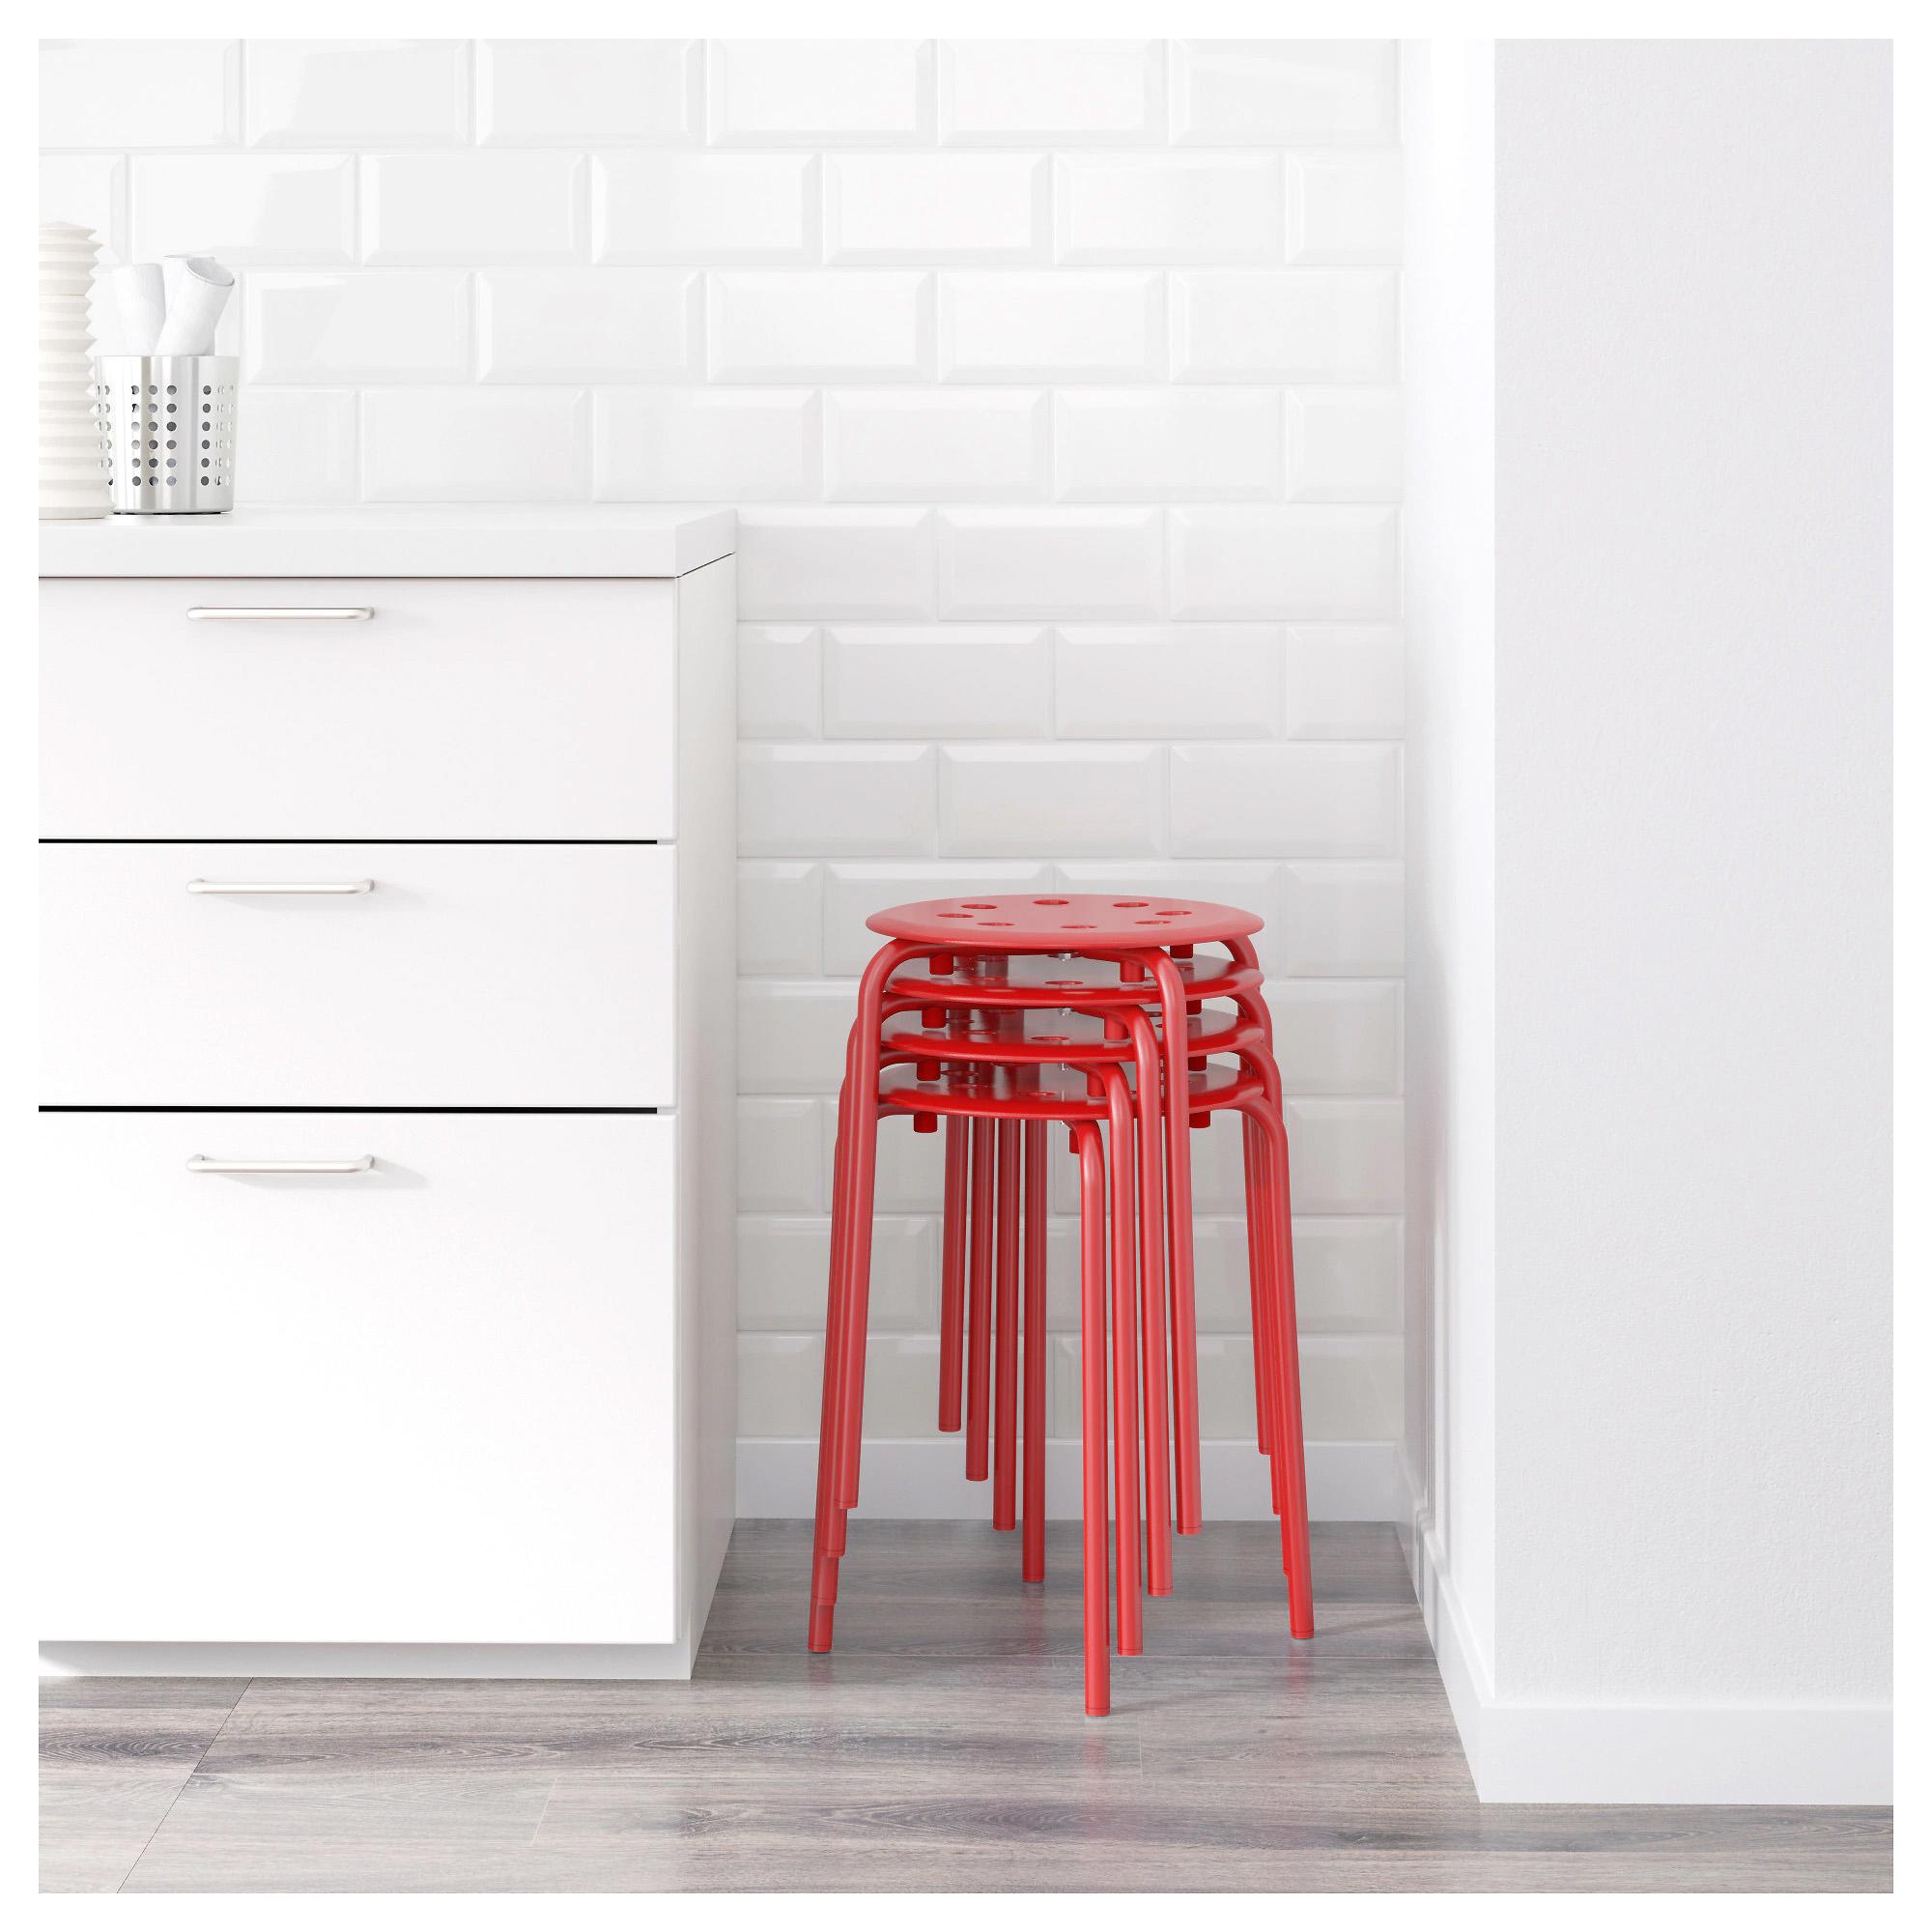 宜家MARIUS玛留斯圆凳椅子餐桌凳塑料加厚凳子家用客厅凳现代简约